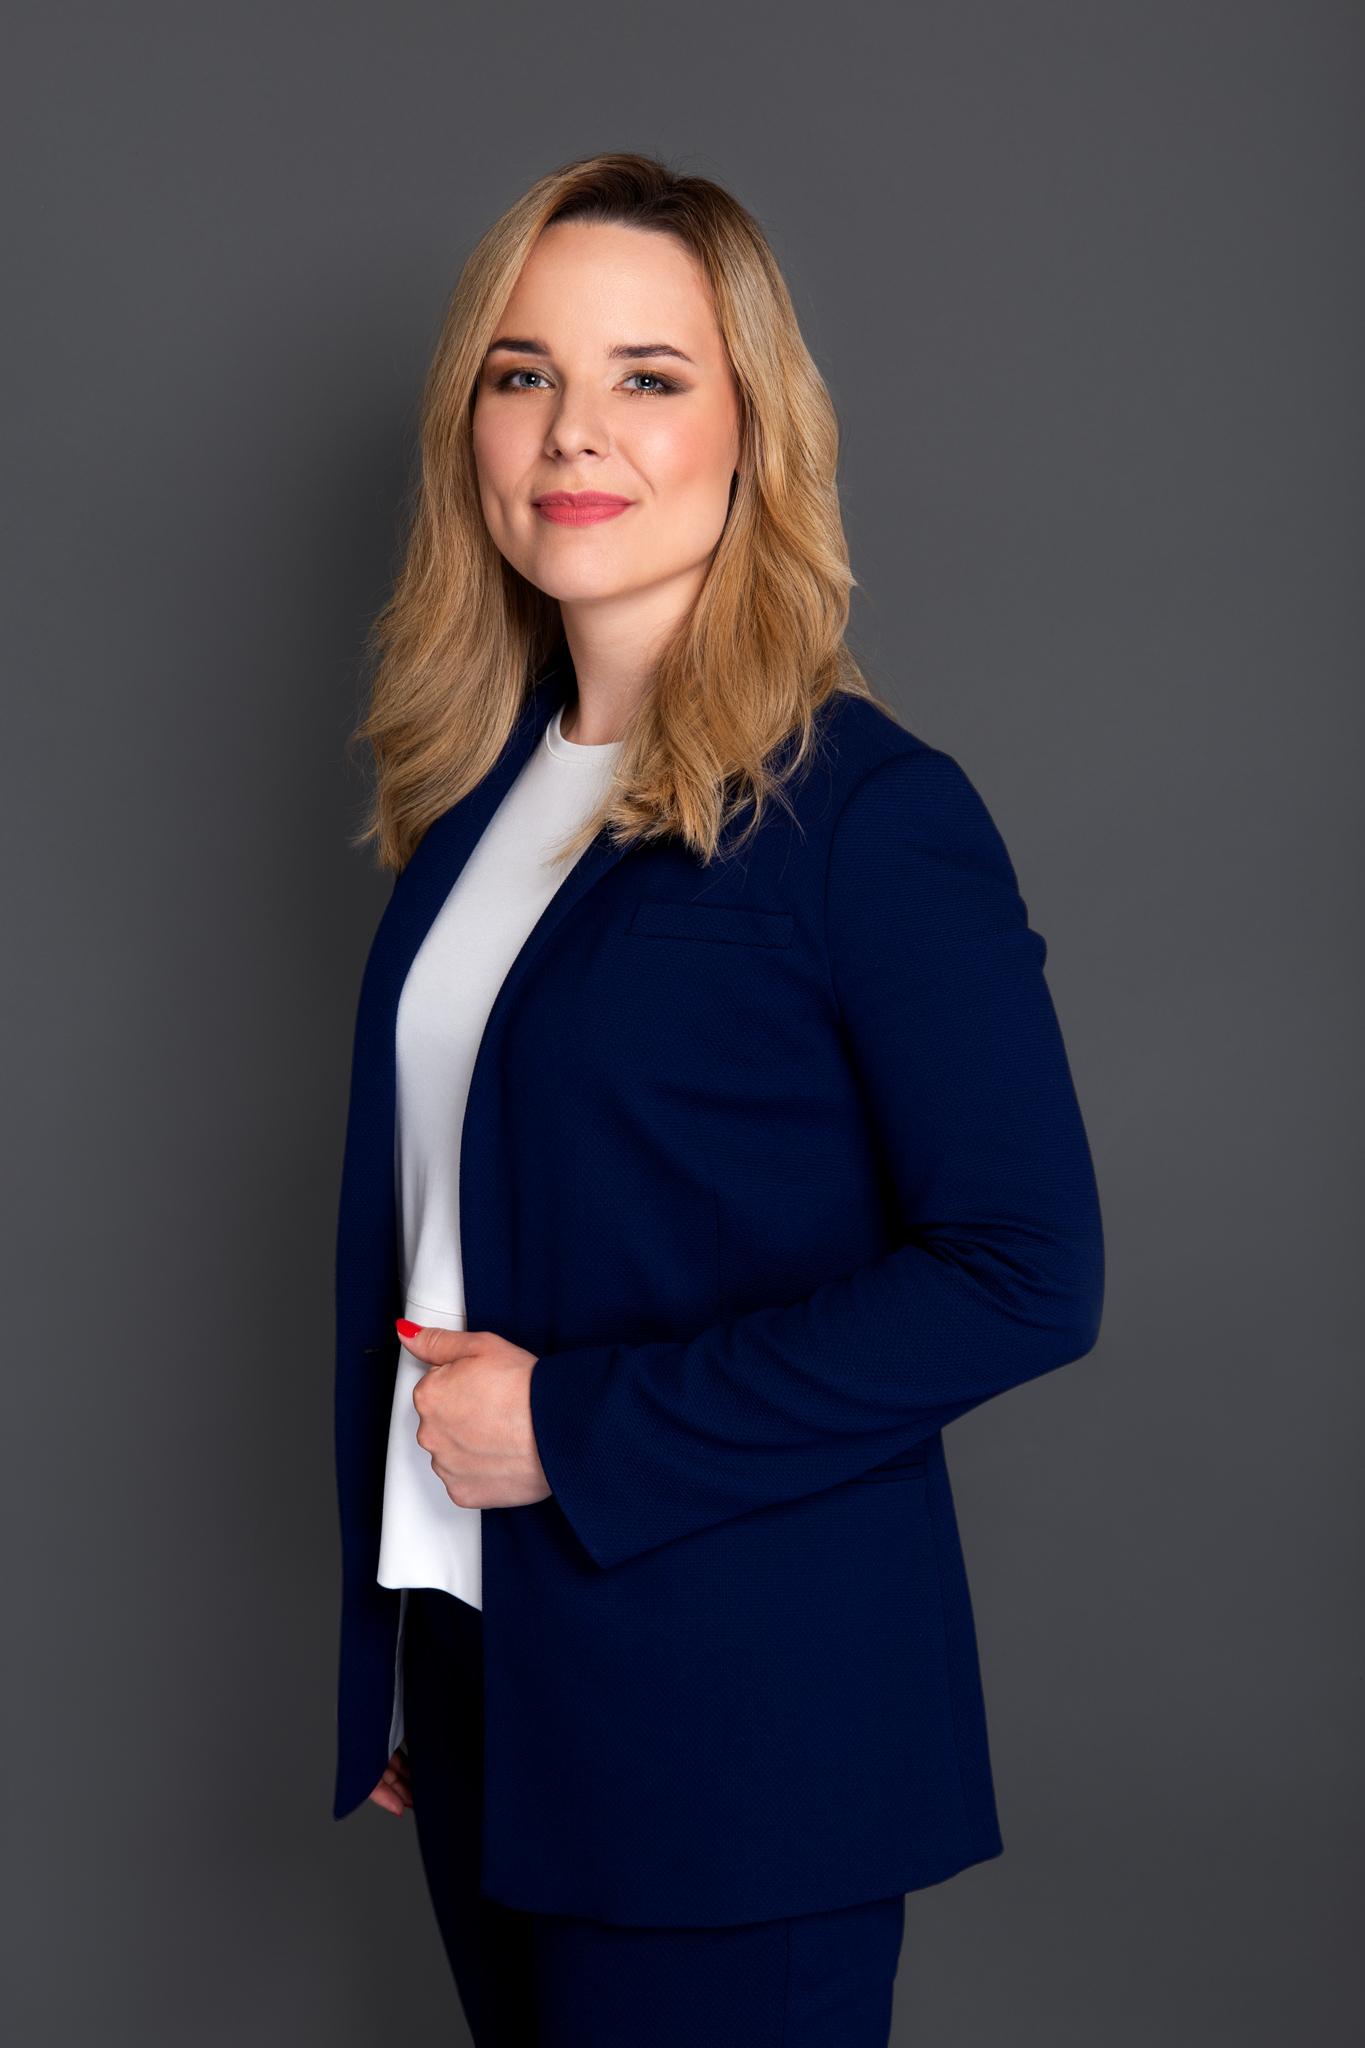 Monika, 40, Kobieta, Warszawa, Polska - randkuj.my